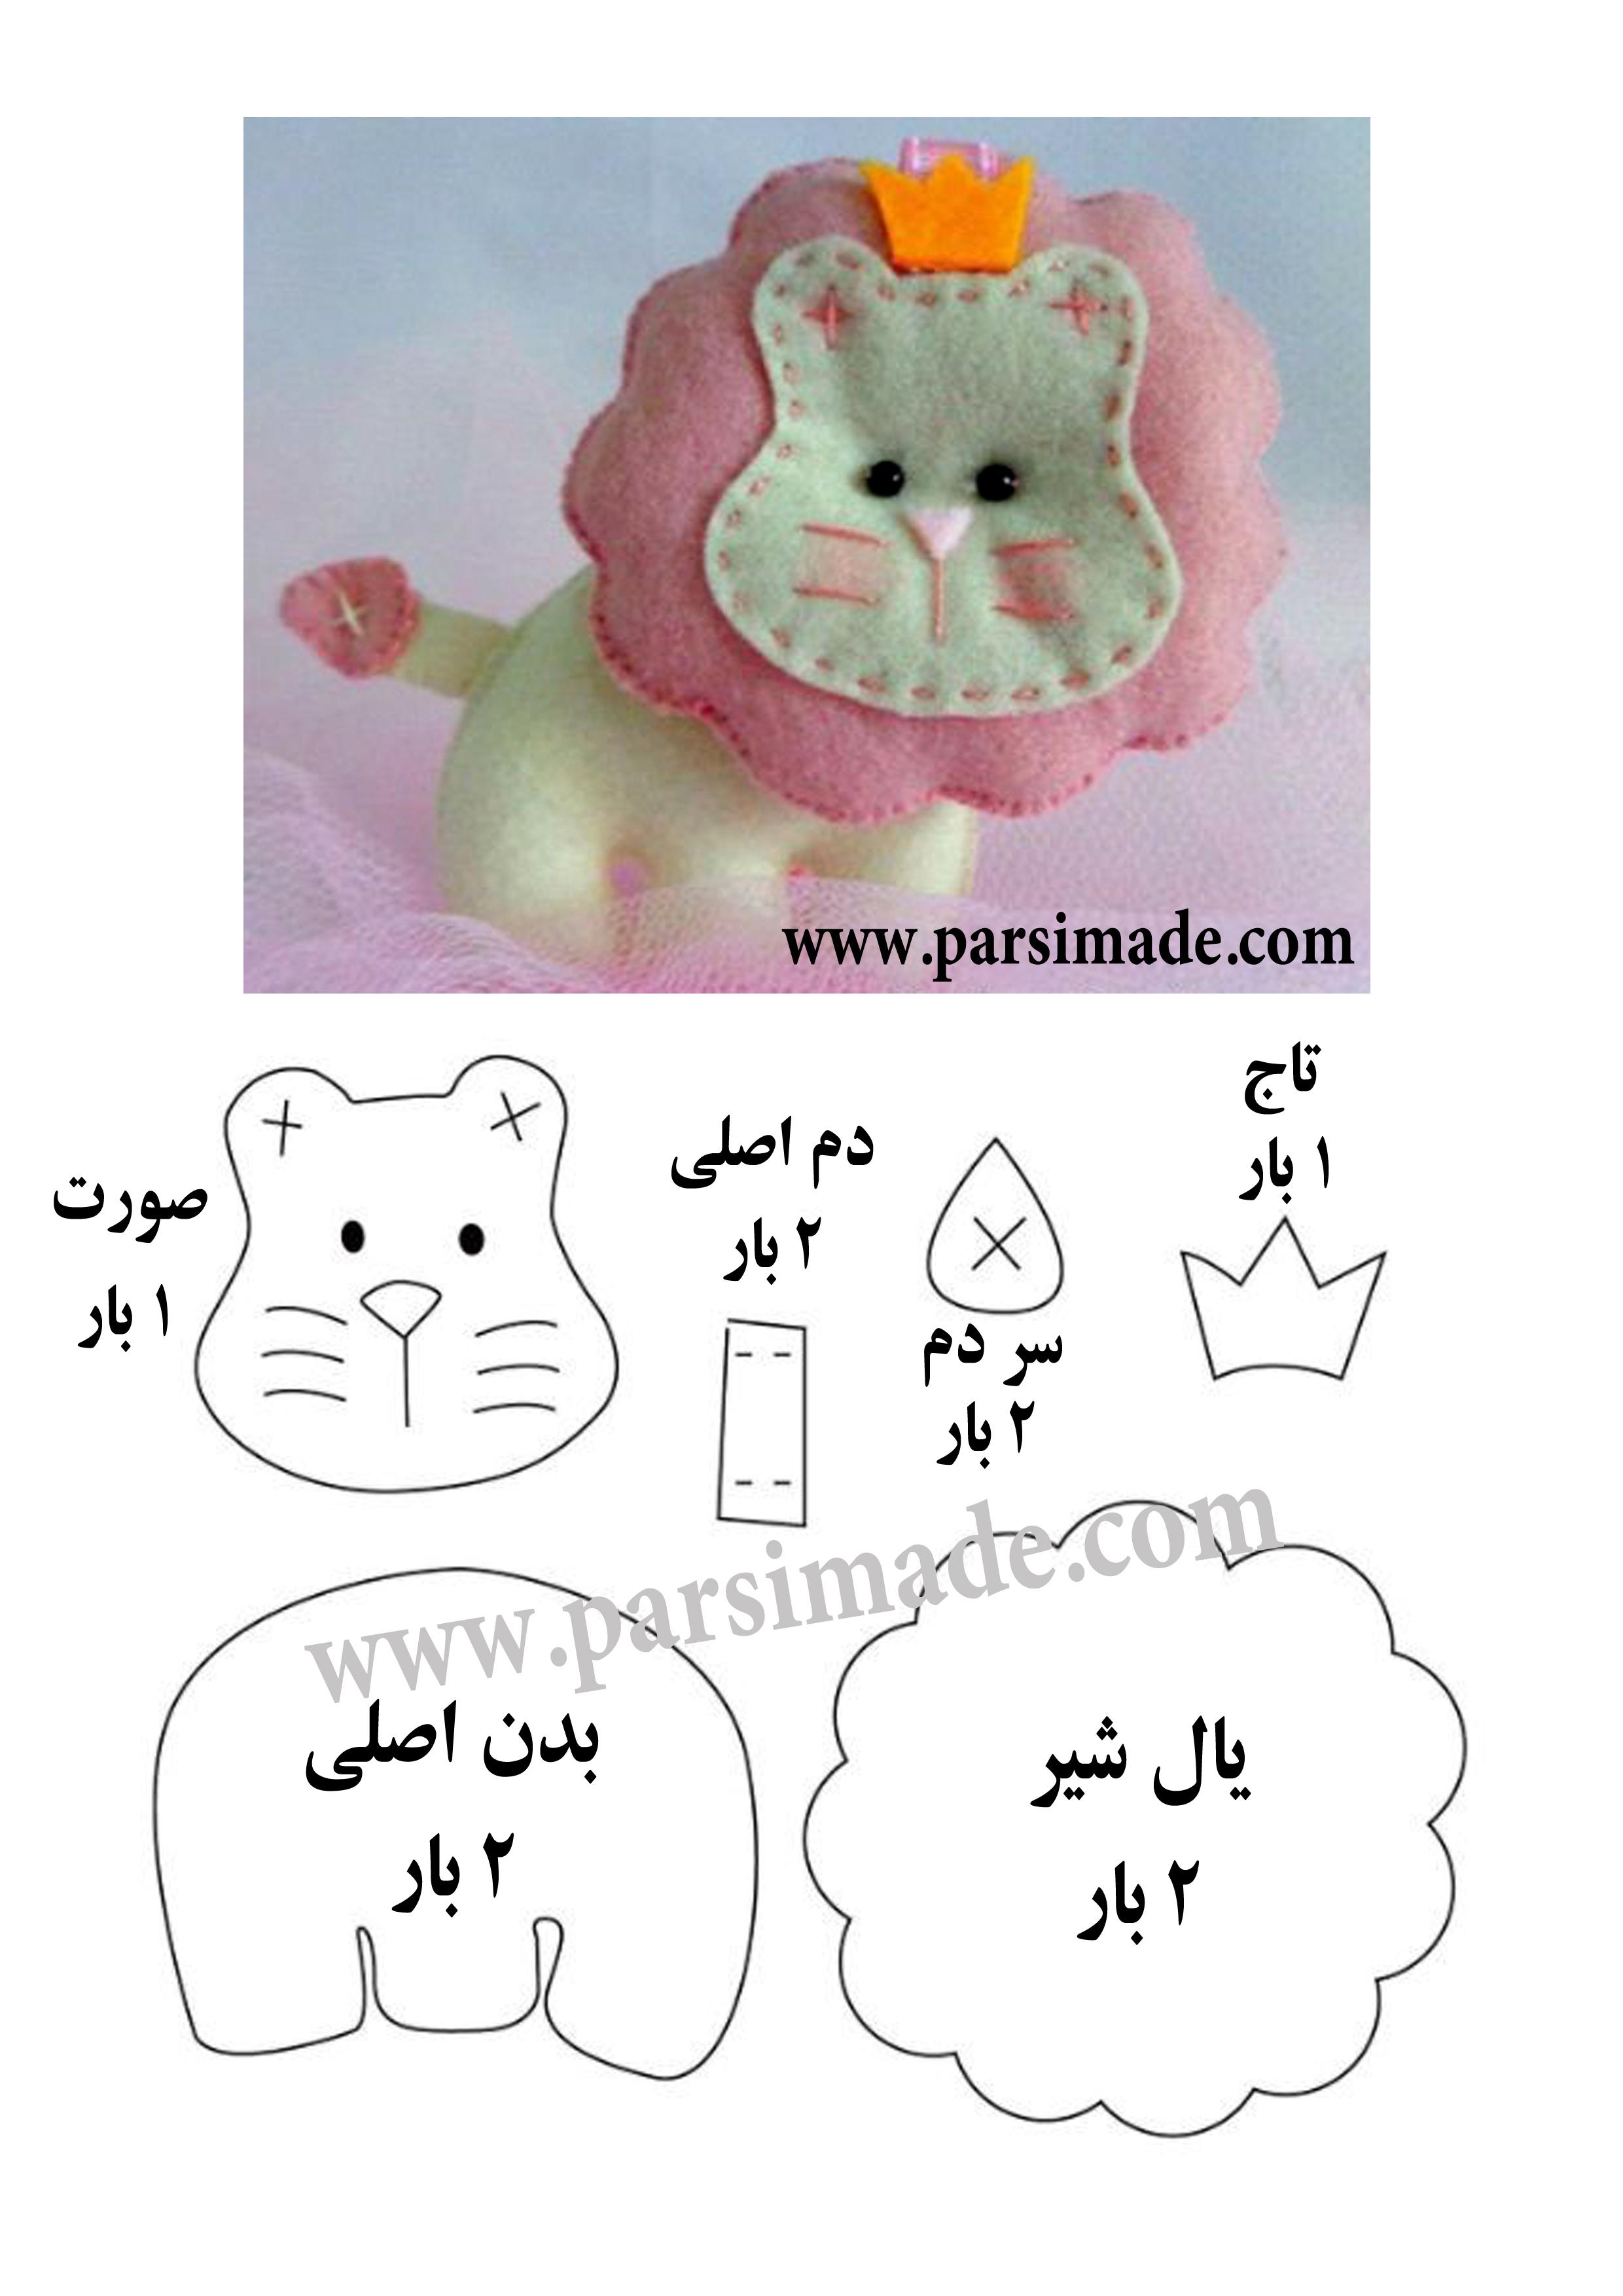 ساخت عروسک نمدی پرنسس عروسک شیر نمدی